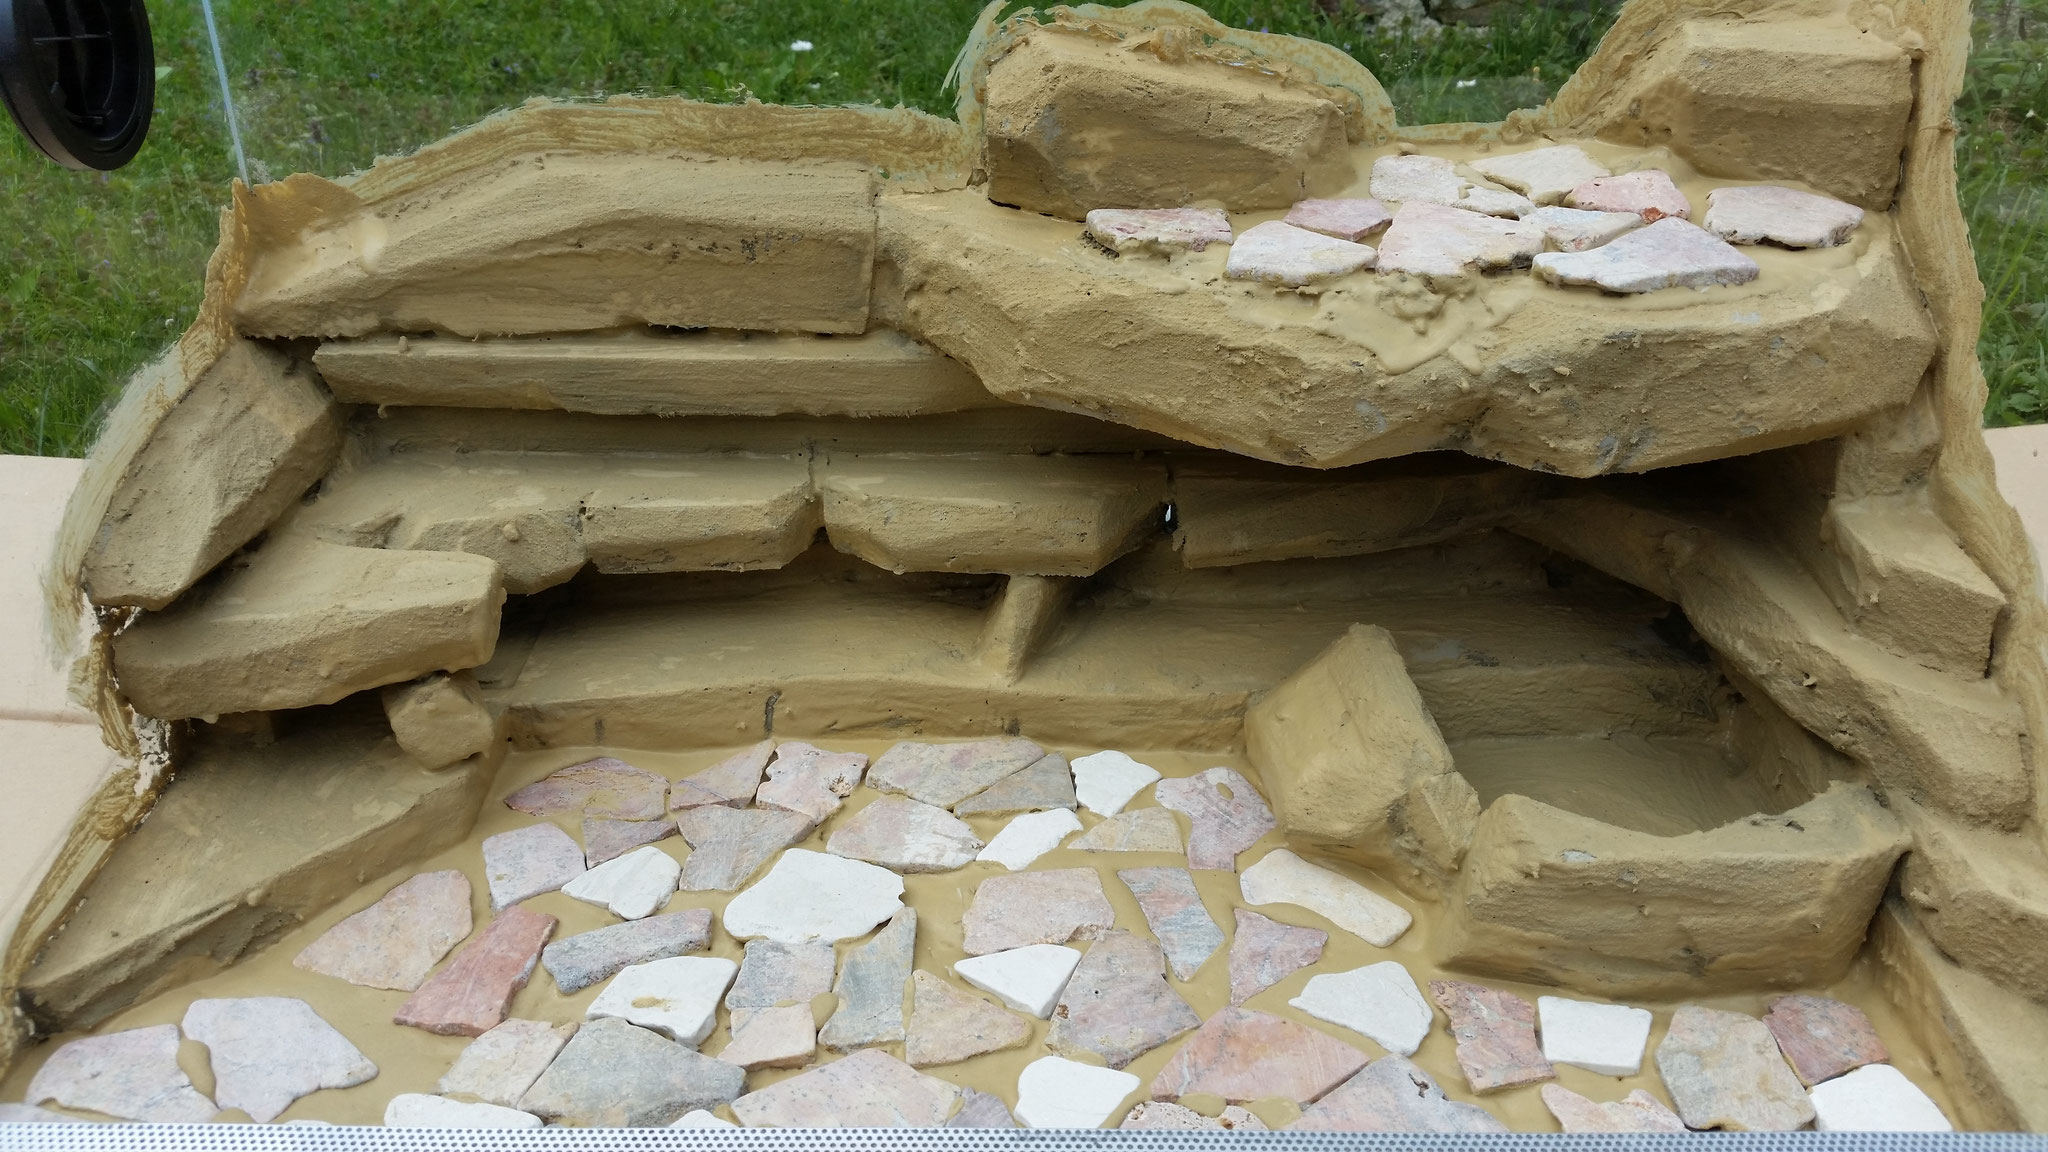 Bruchmosaik am Boden sowie am großen Felsvorsprung verlegen